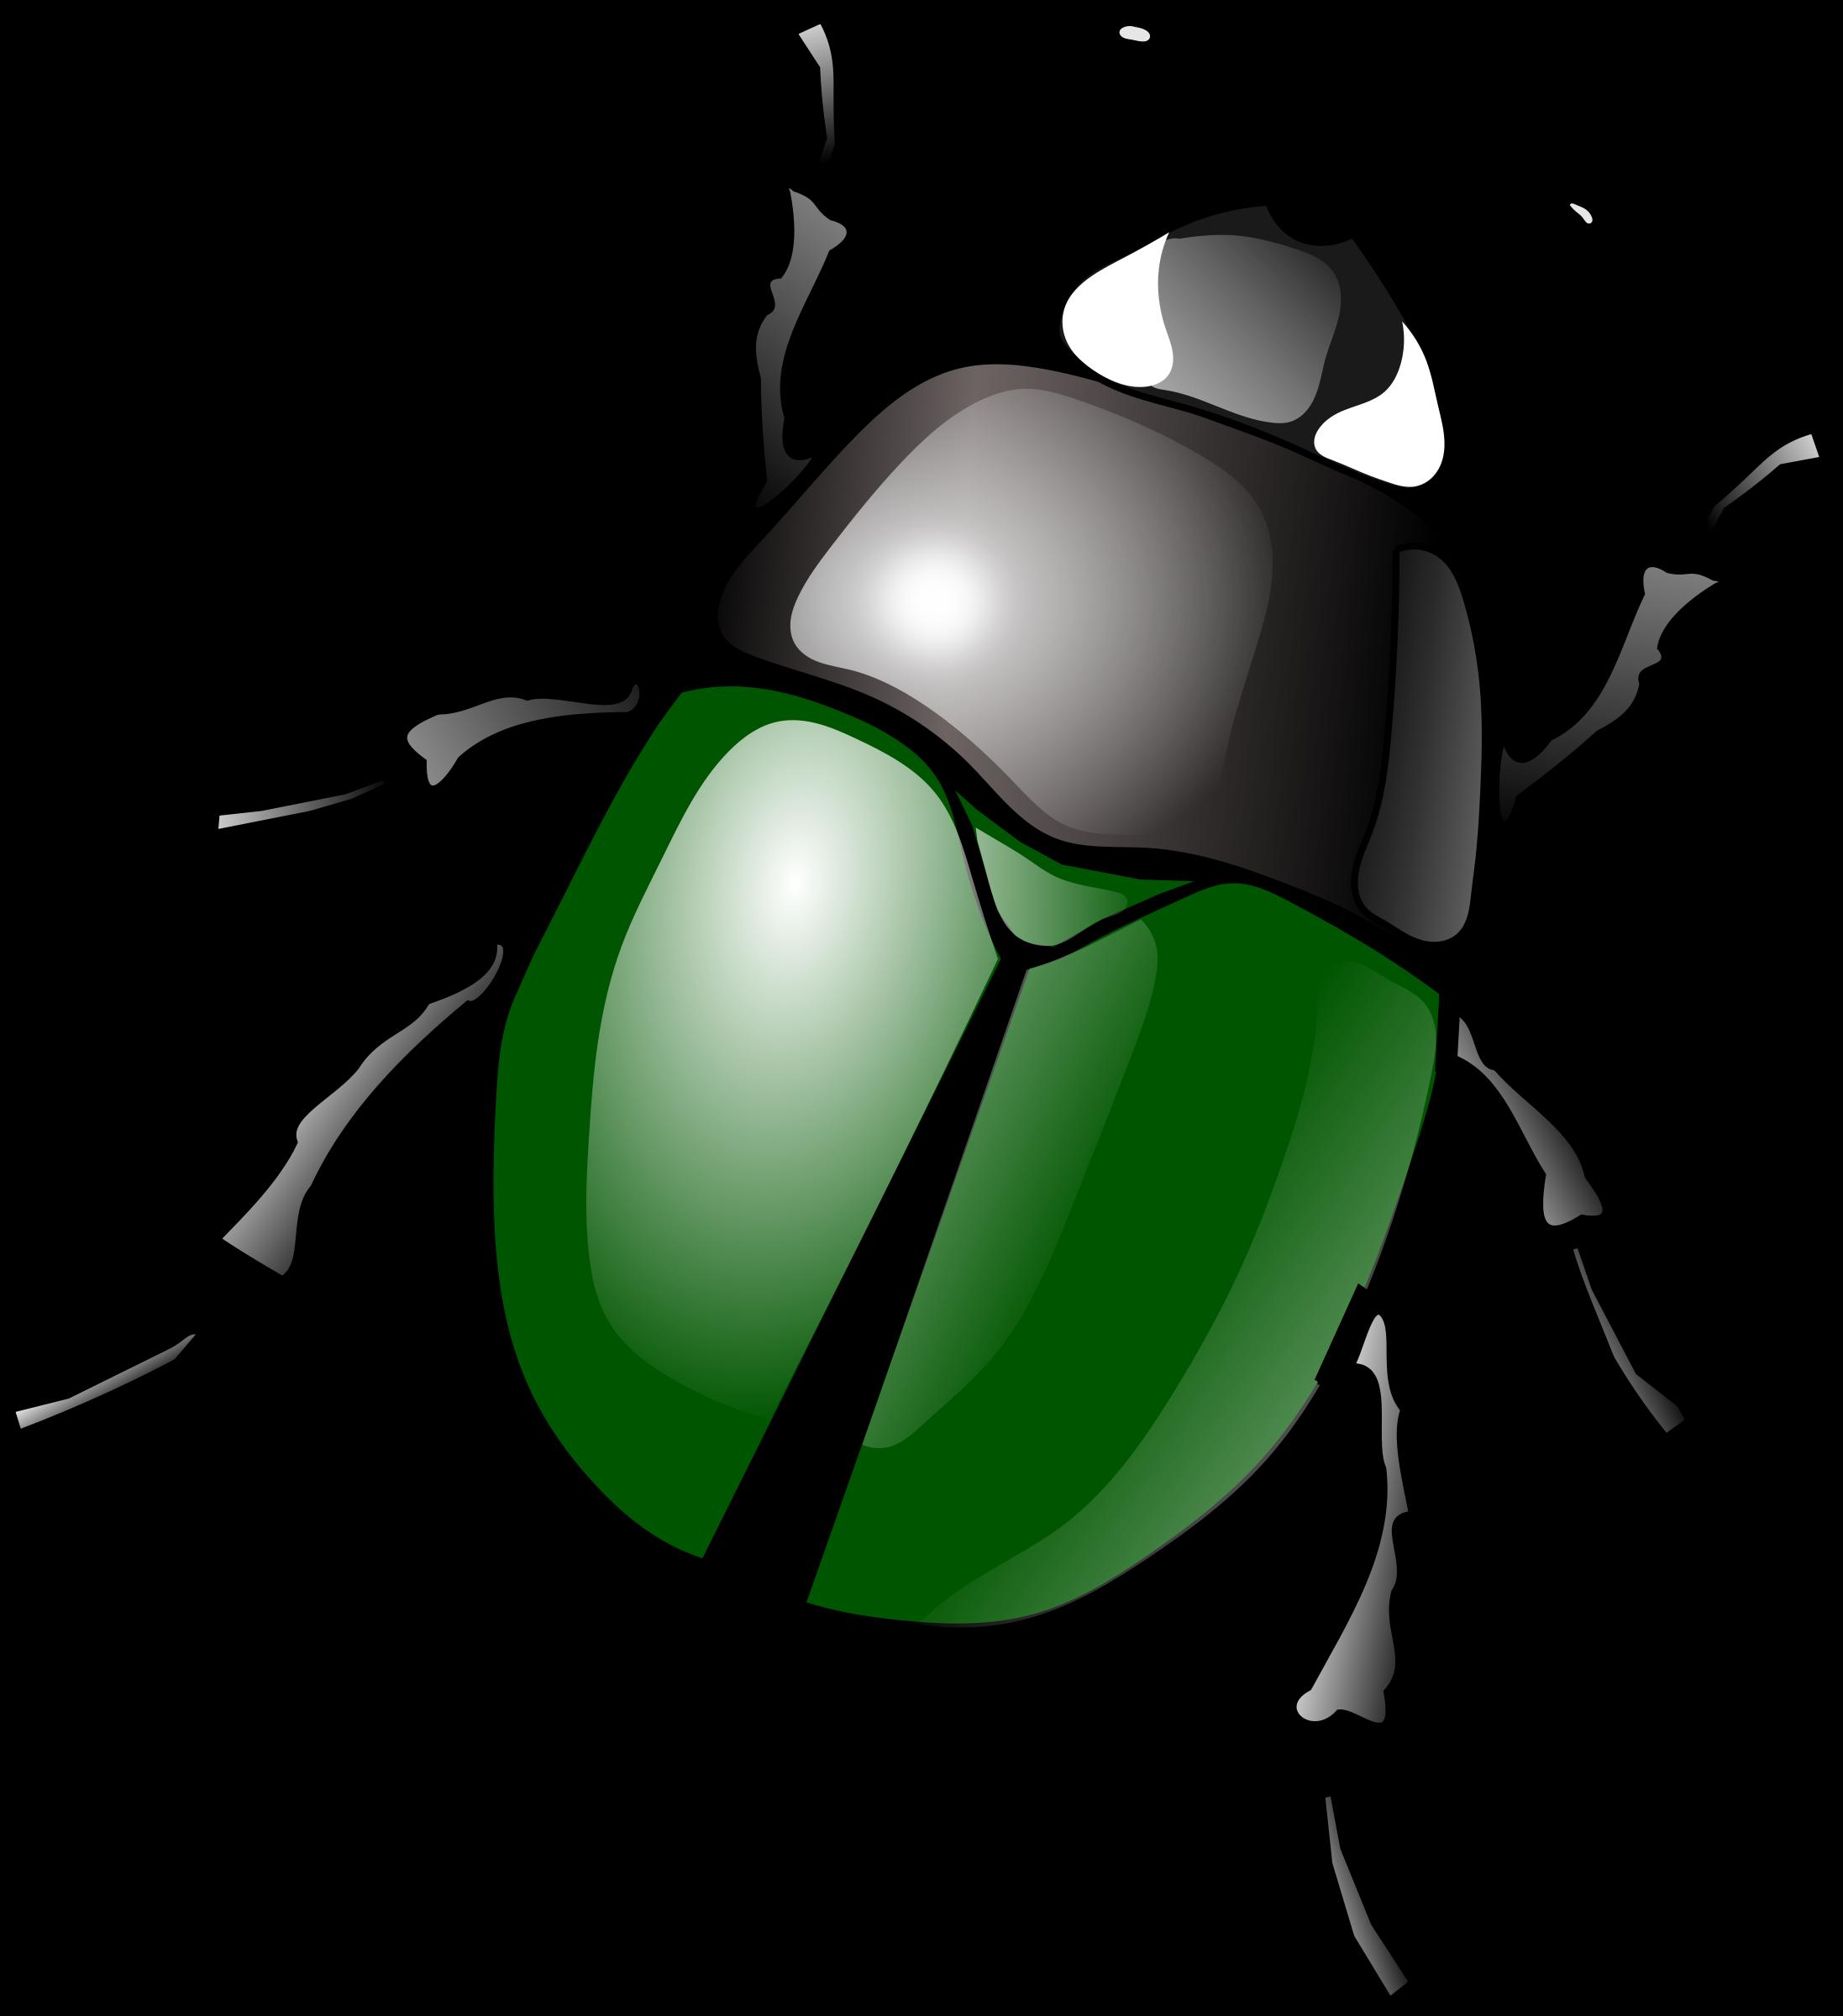 Download Png Image Bug Png Image-Download Png Image Bug Png Image-9